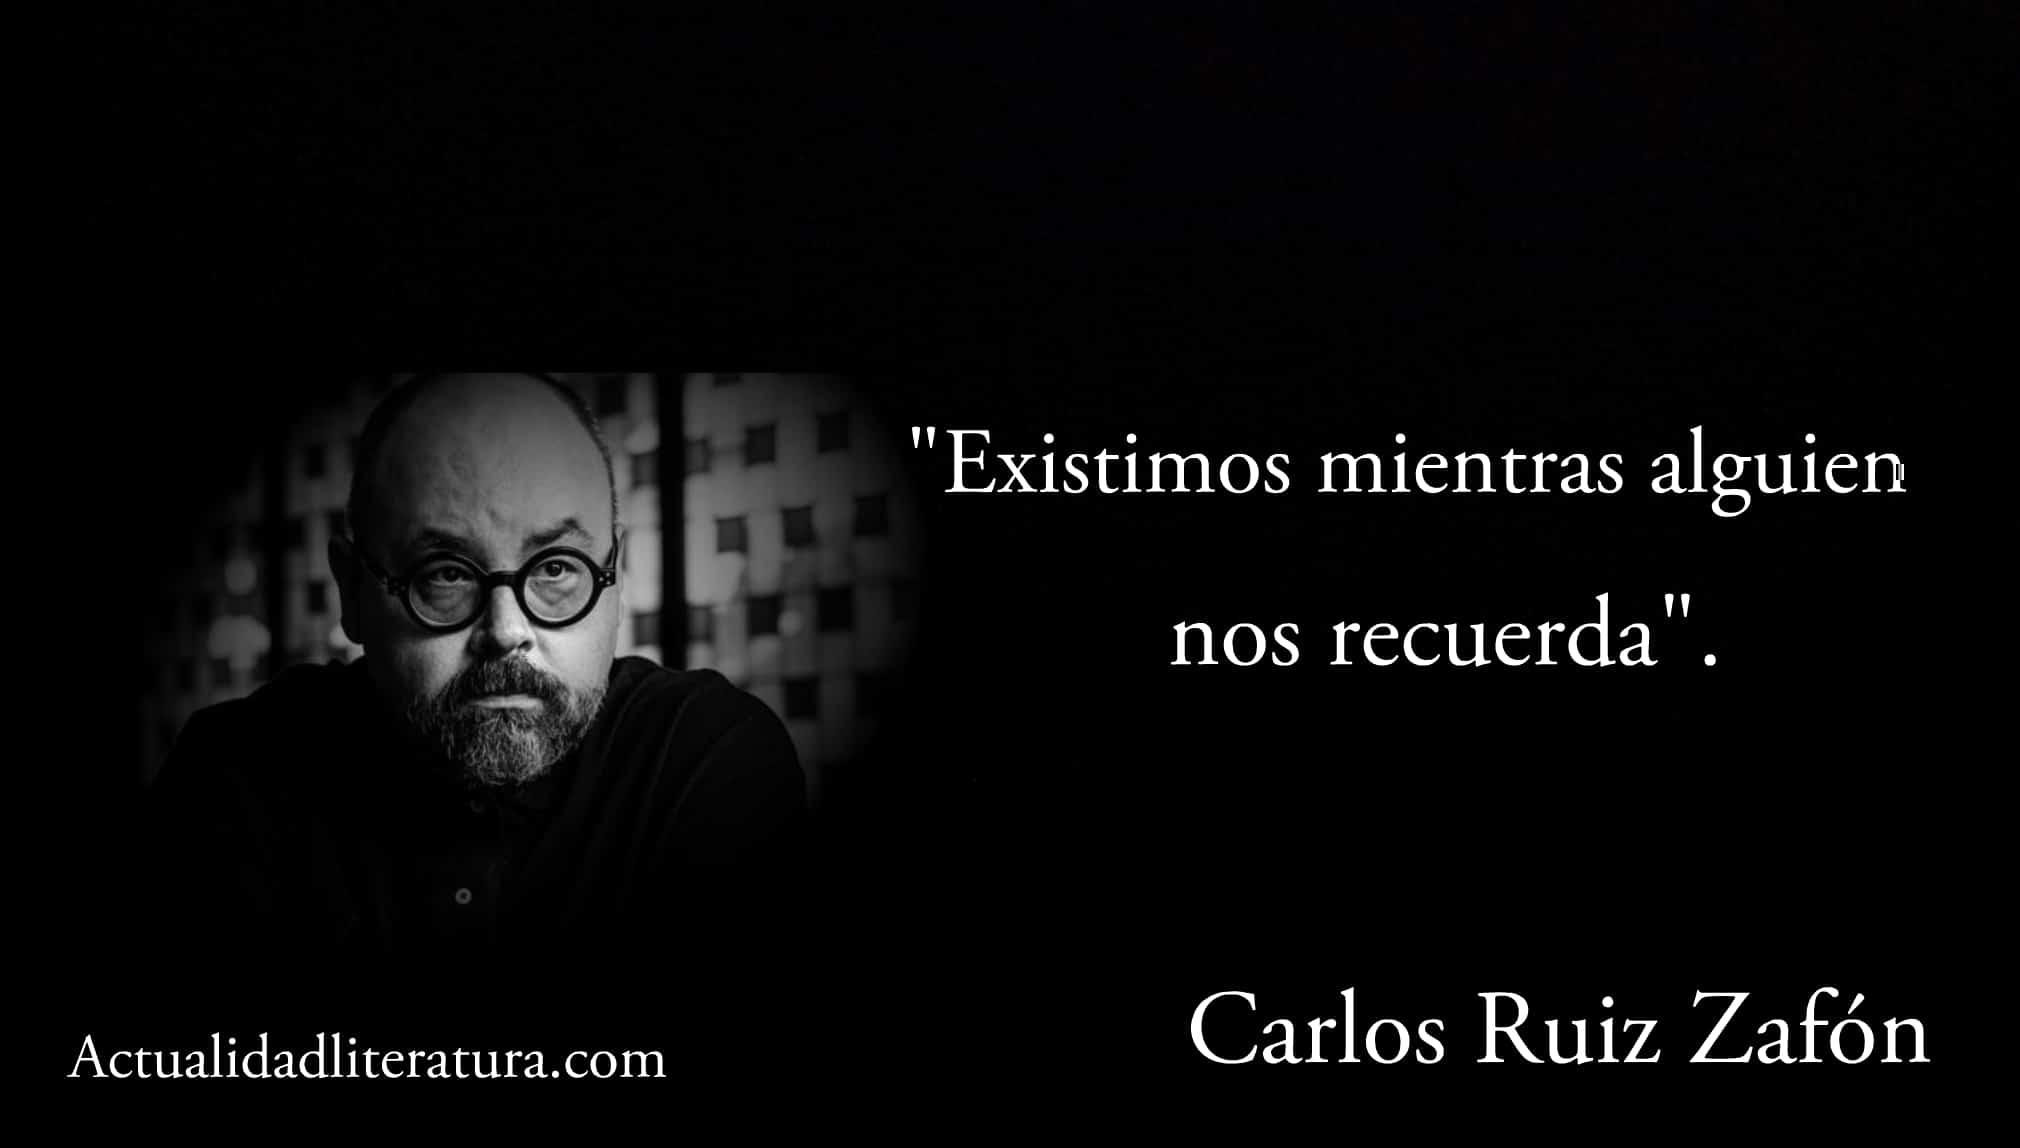 Frase de Carlos Ruiz Zafón.